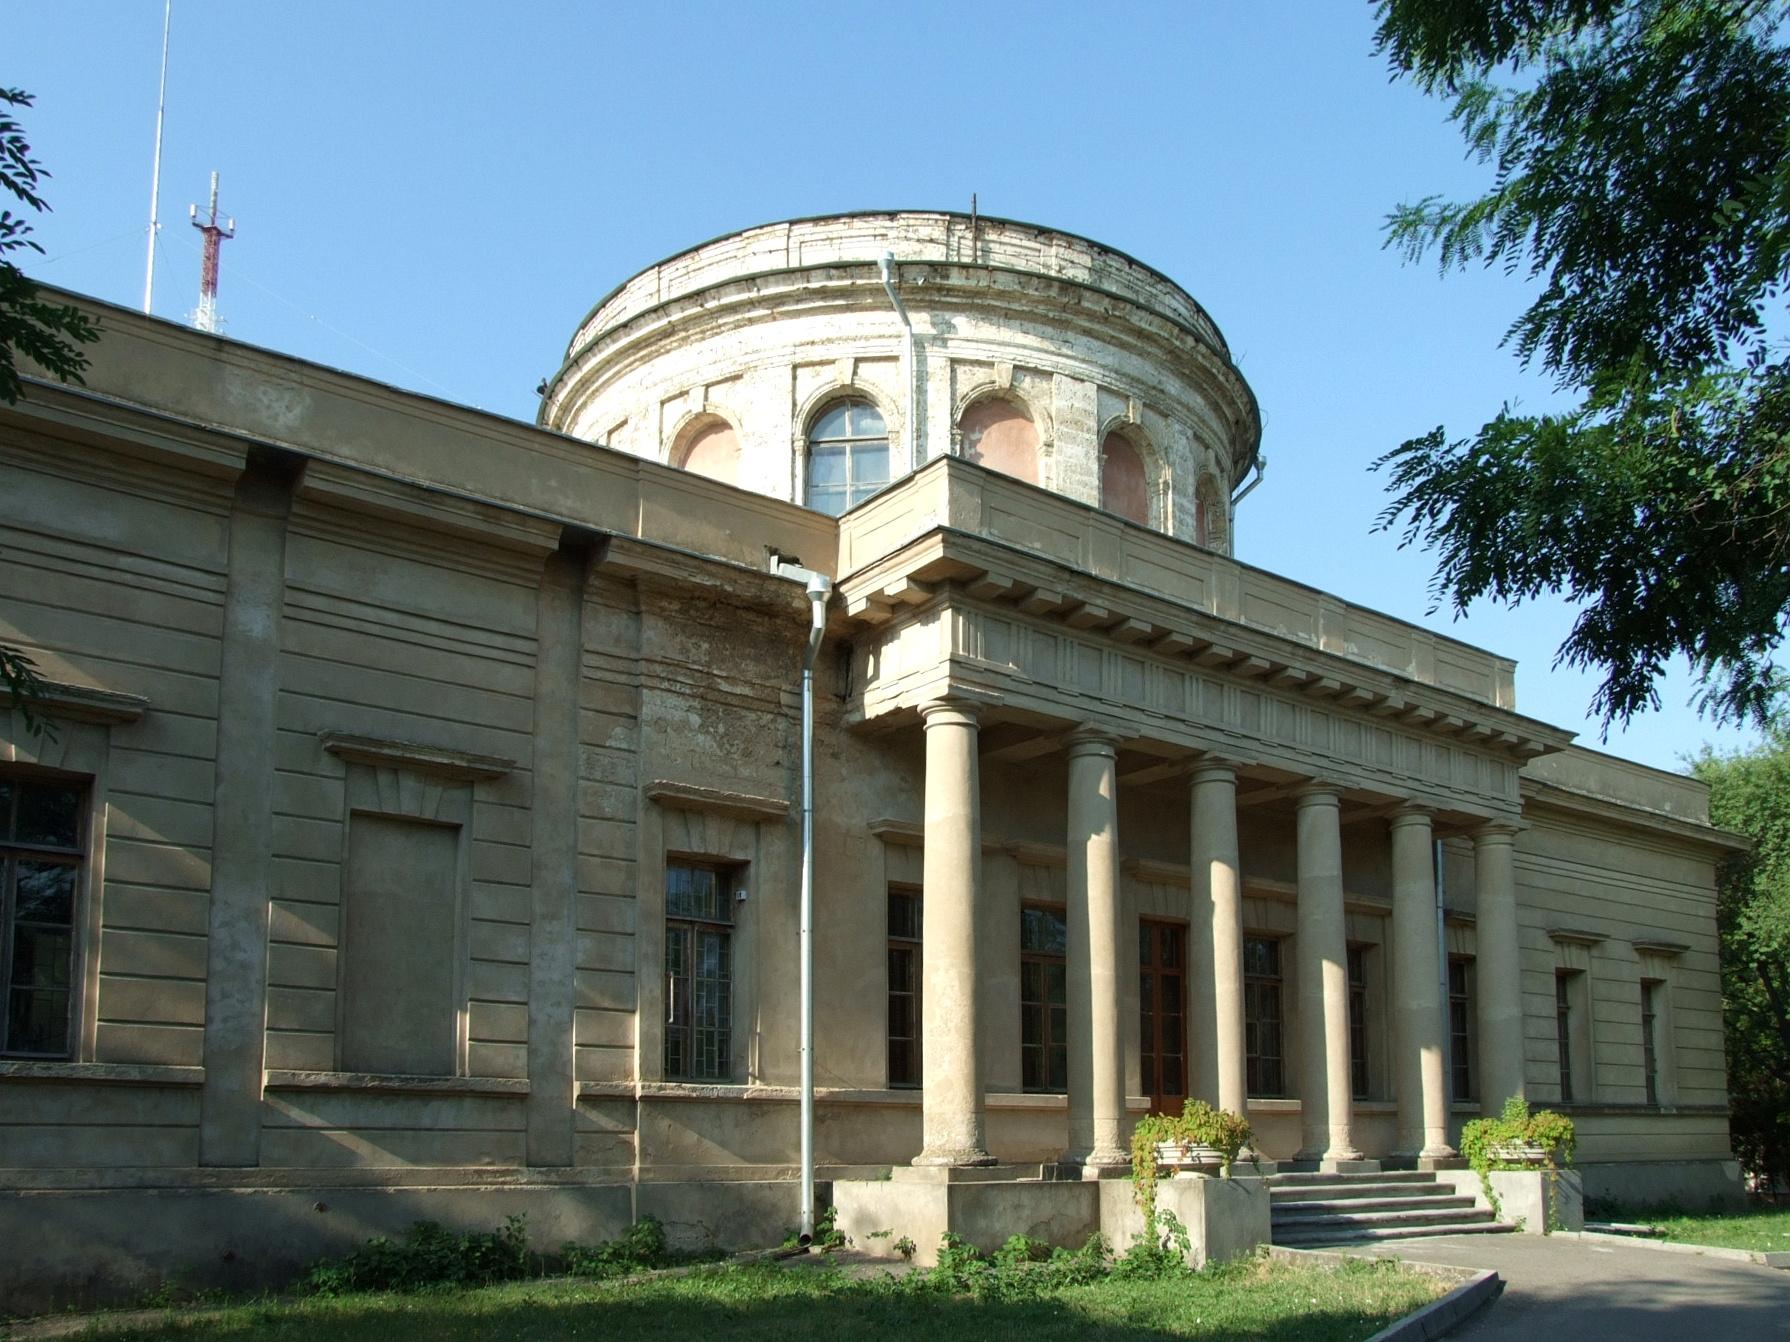 Mykolaiv Observatory